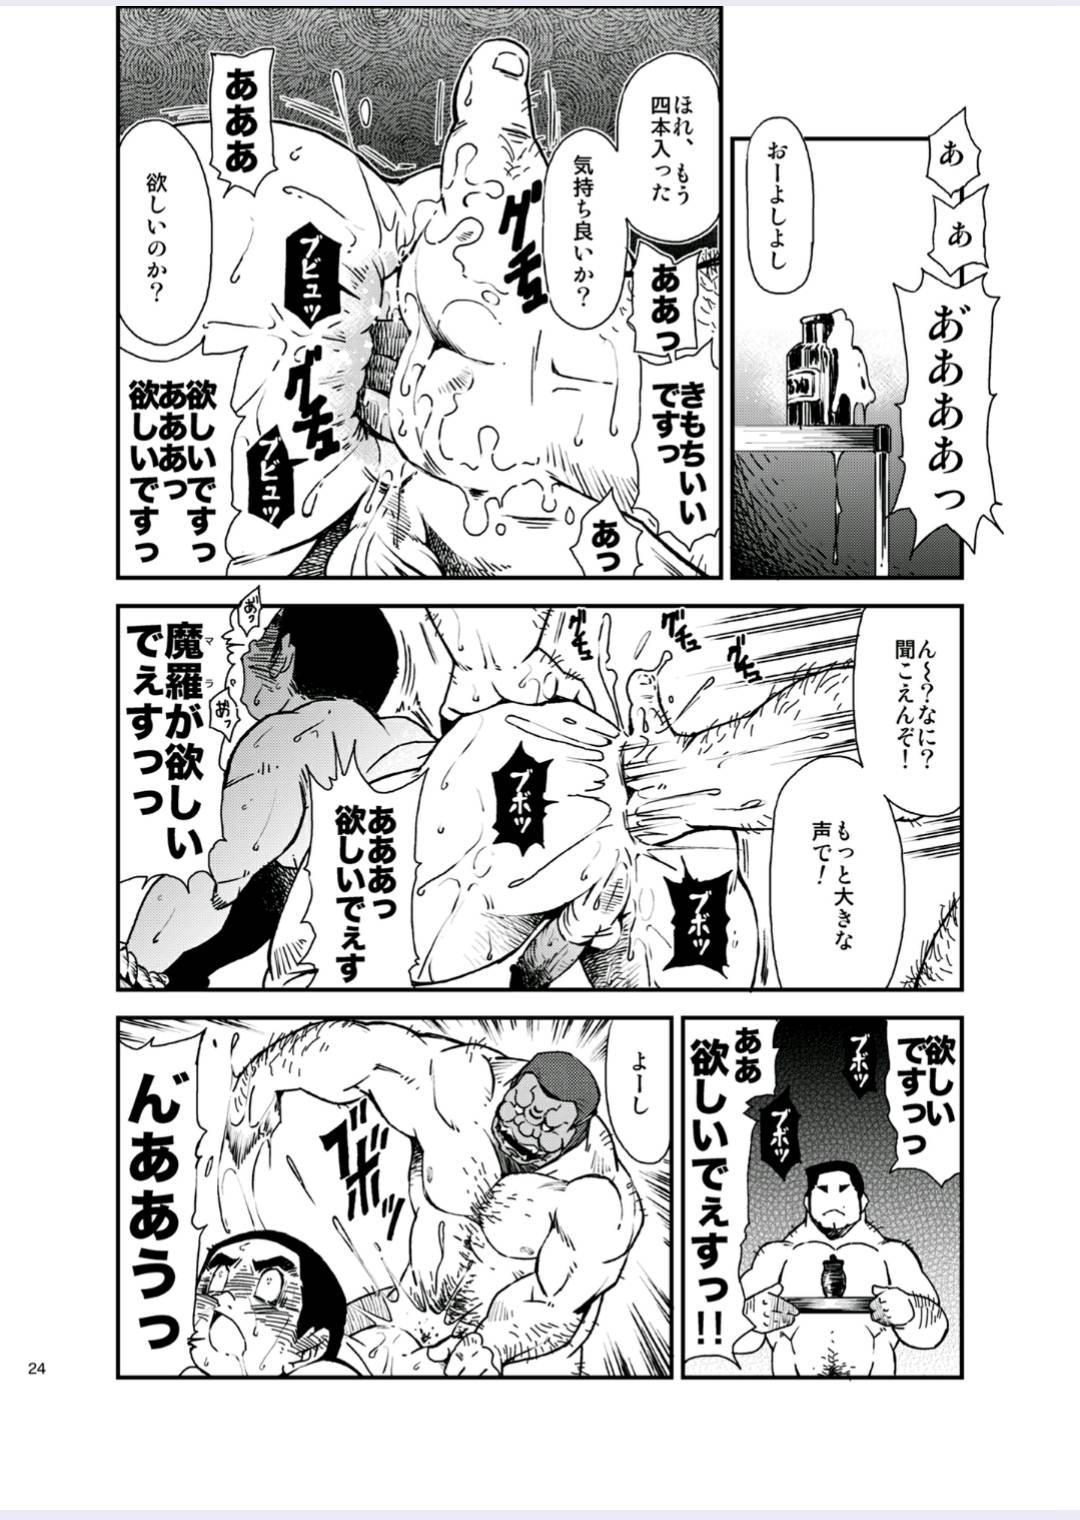 [KOWMEIISM (Kasai Kowmei)] Tadashii Danshi no Kyouren Hou (Yon) Deku to Kairai to [Digital] 24